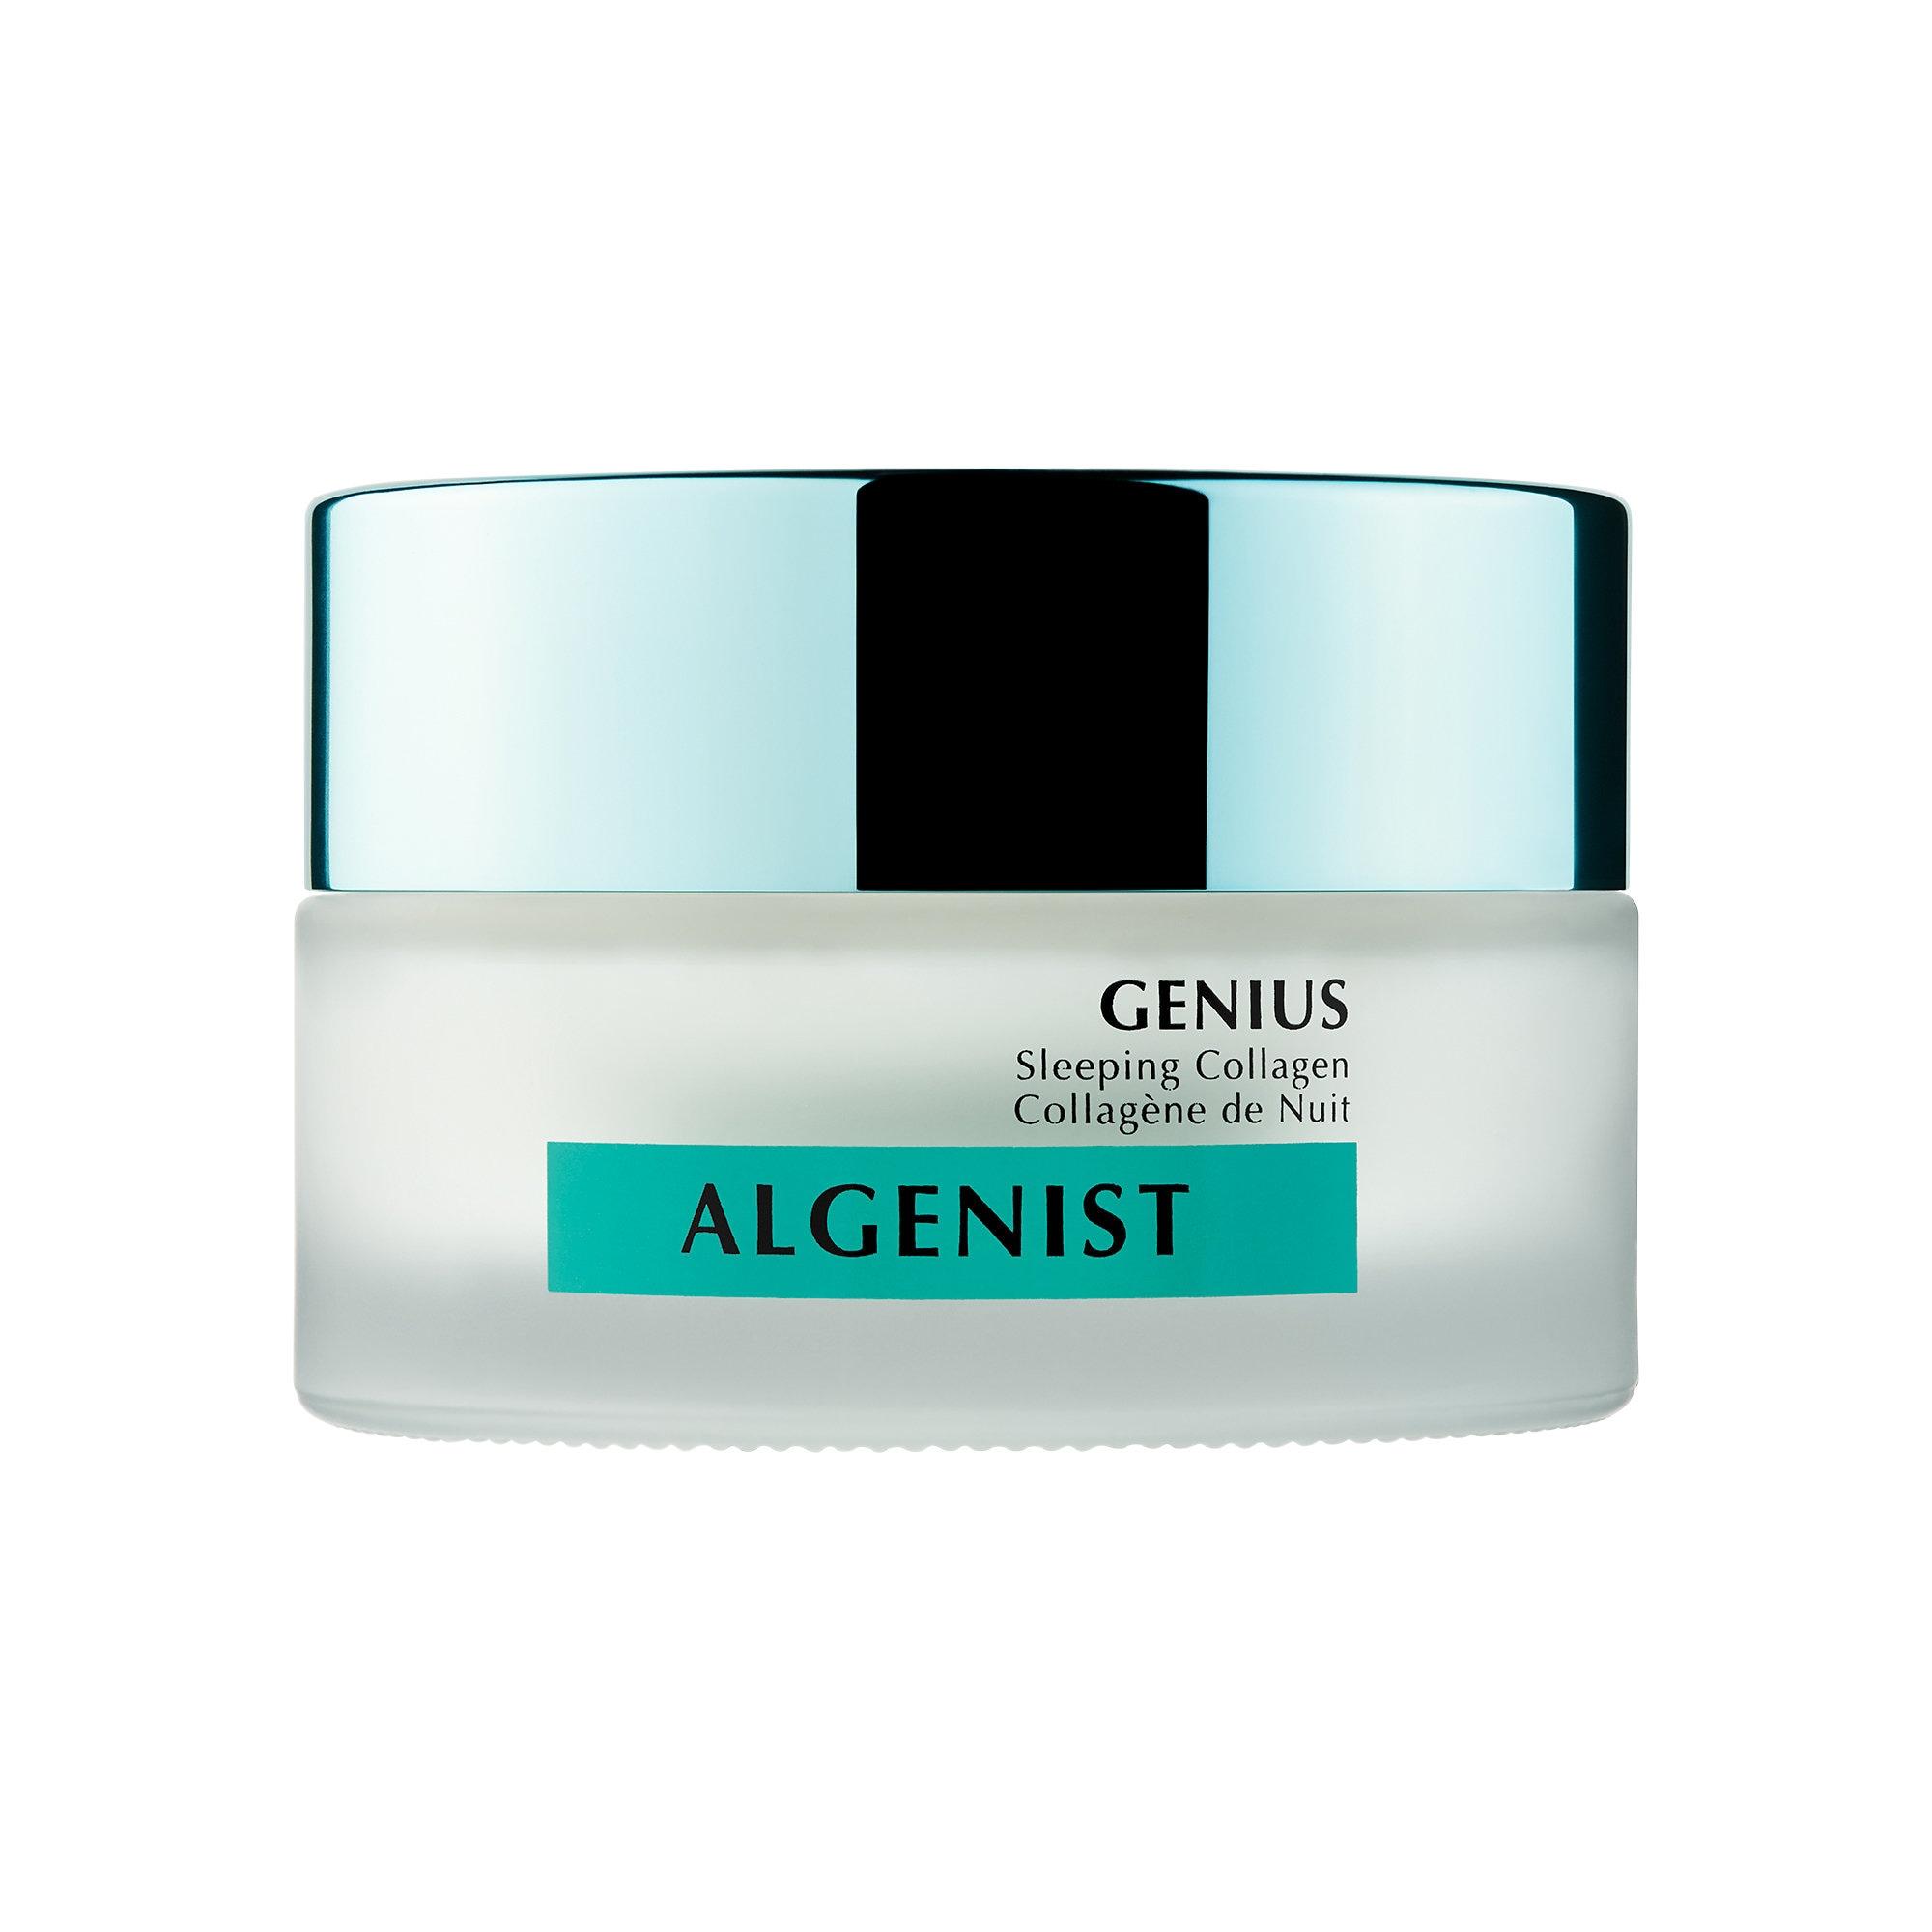 Algenist - Genius Sleeping Collagen